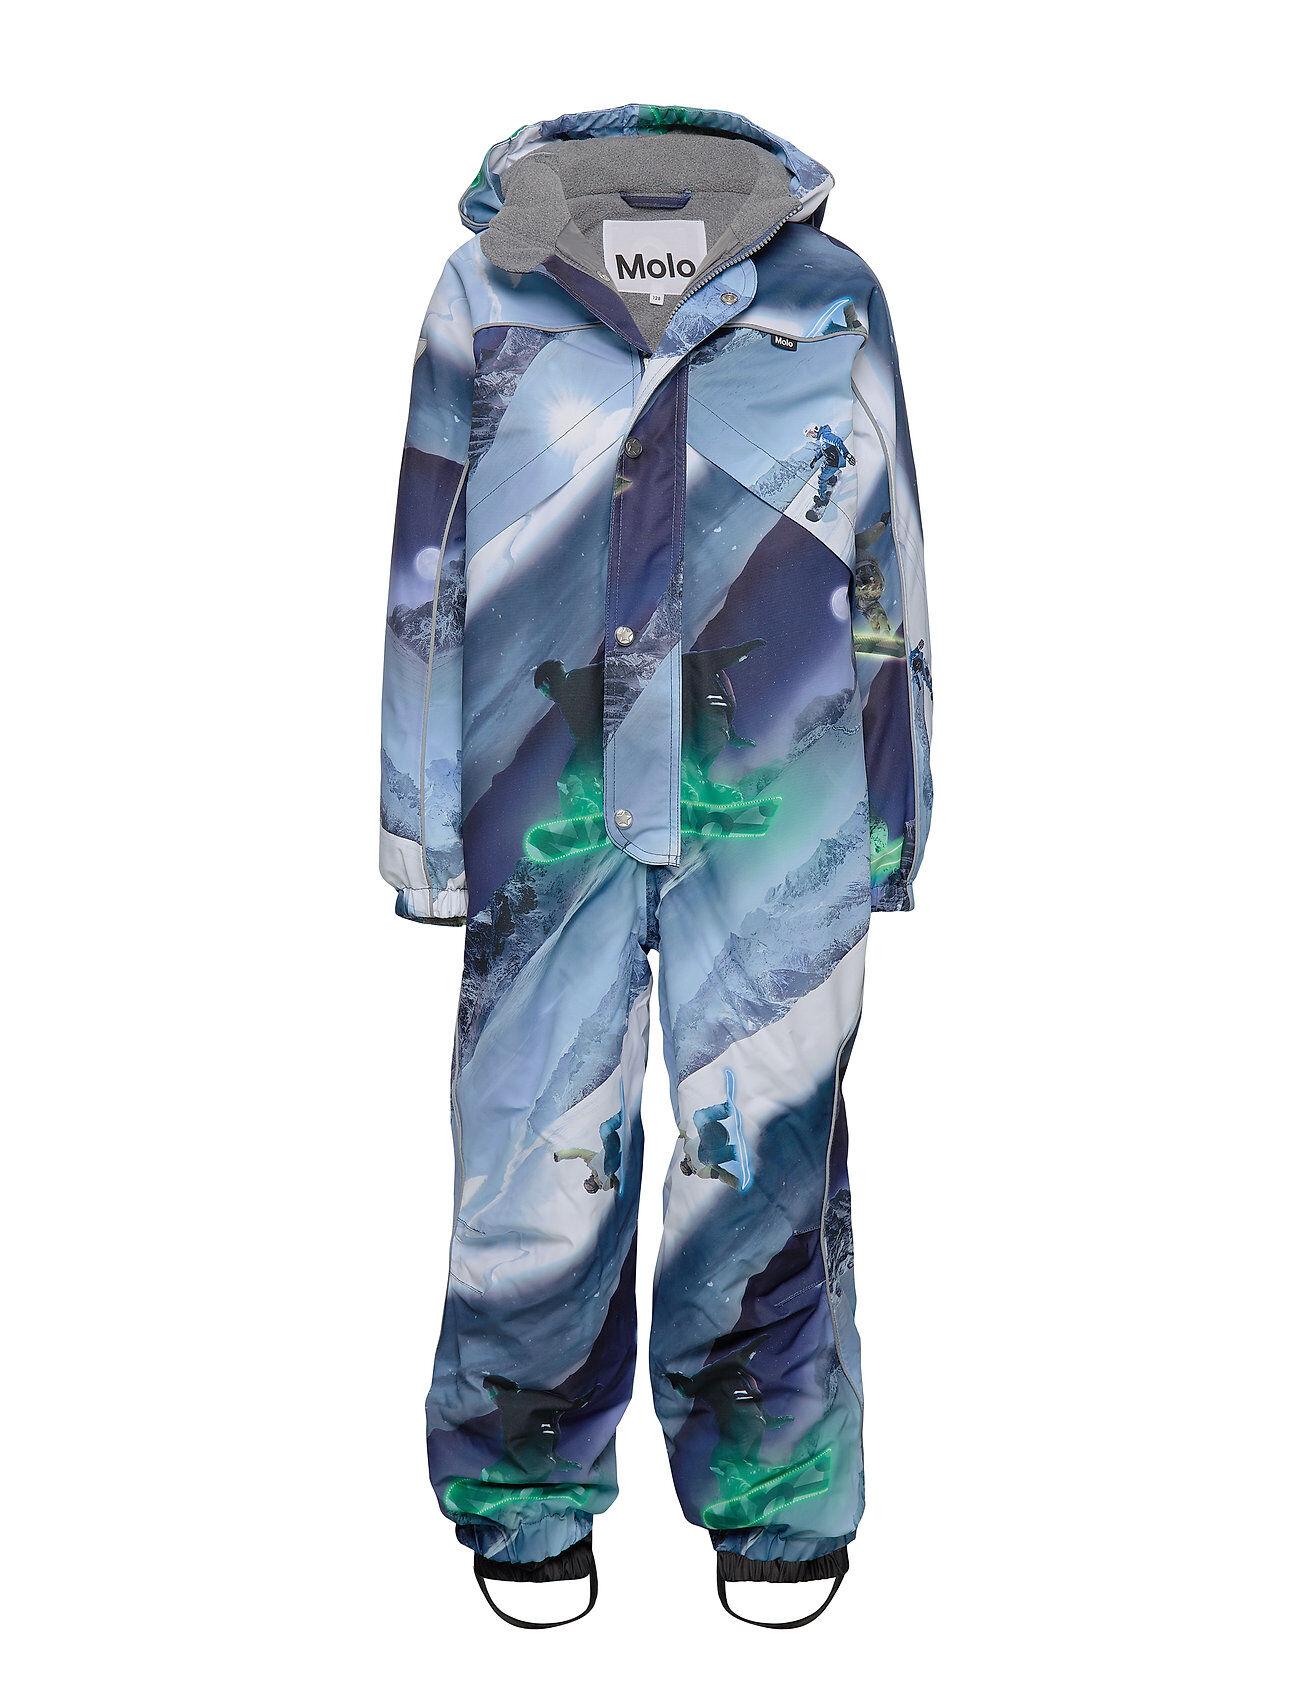 Molo Polaris Outerwear Snow/ski Clothing Snow/ski Suits & Sets Sininen Molo